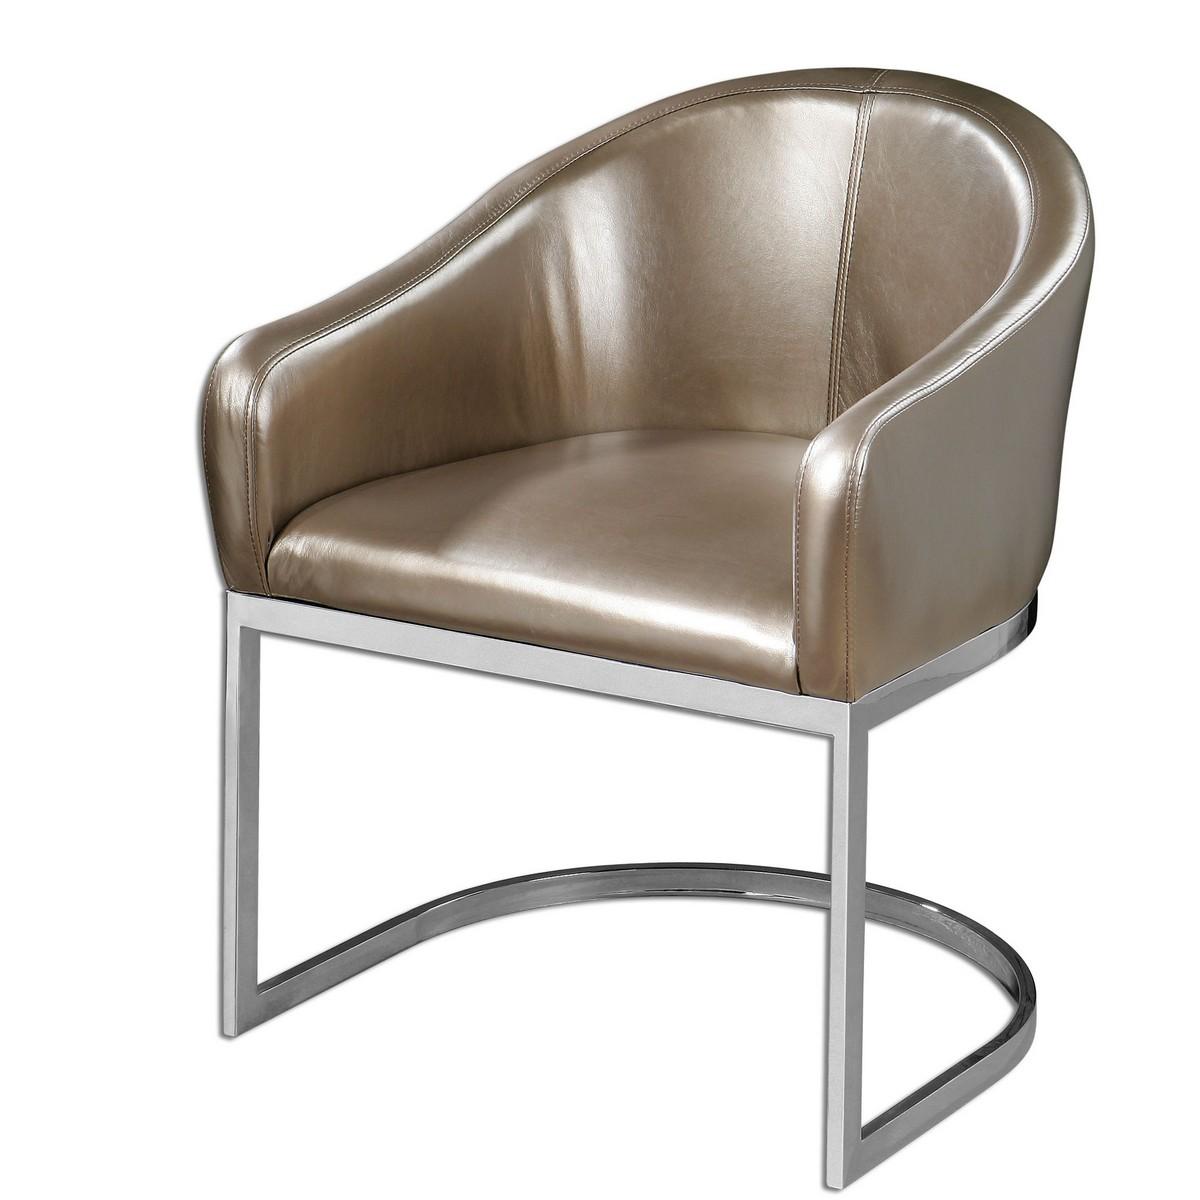 Uttermost Marah Modern Accent Chair